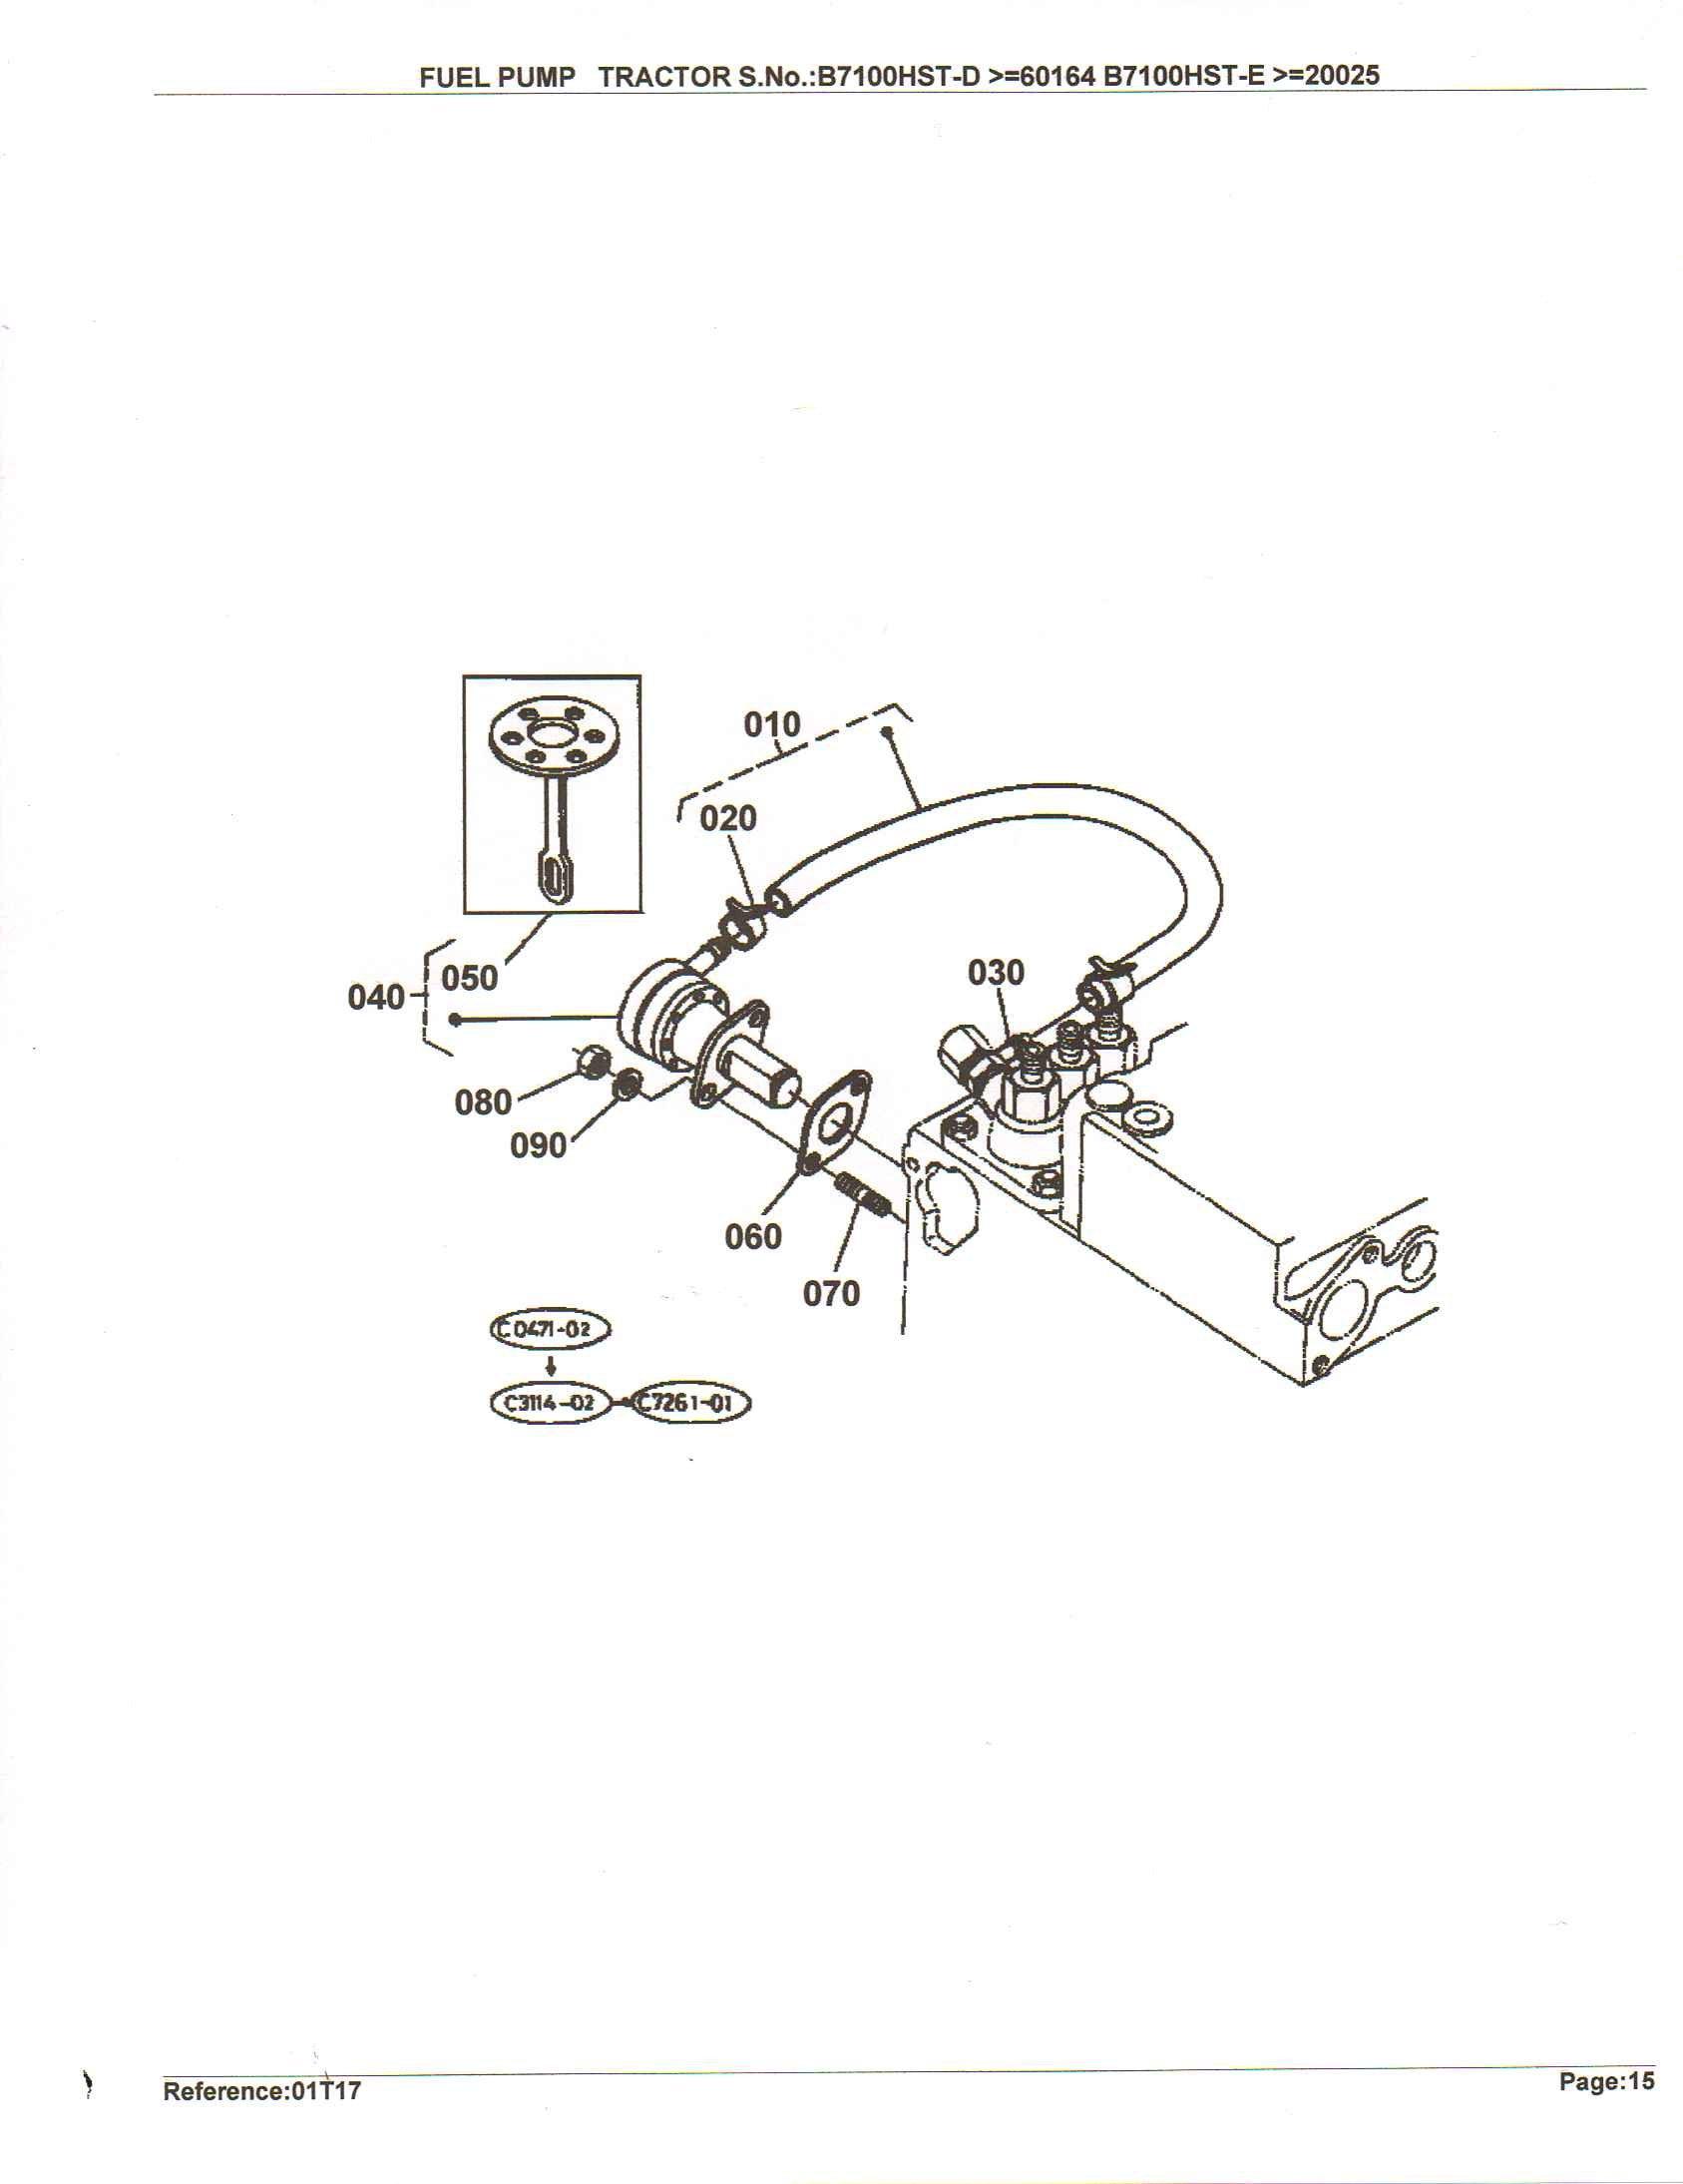 Wiring Diagram Kubota L on l275 kubota wiring diagram, l285 kubota wiring diagram, l3600 kubota wiring diagram, l3830 kubota wiring diagram, l3240 kubota wiring diagram, l4200 kubota wiring diagram, l3400 kubota wiring diagram, l2550 kubota wiring diagram, b2410 kubota wiring diagram, l3450 kubota wiring diagram, l2650 kubota wiring diagram, l2600 kubota wiring diagram, l3940 kubota wiring diagram, l2500 kubota wiring diagram,